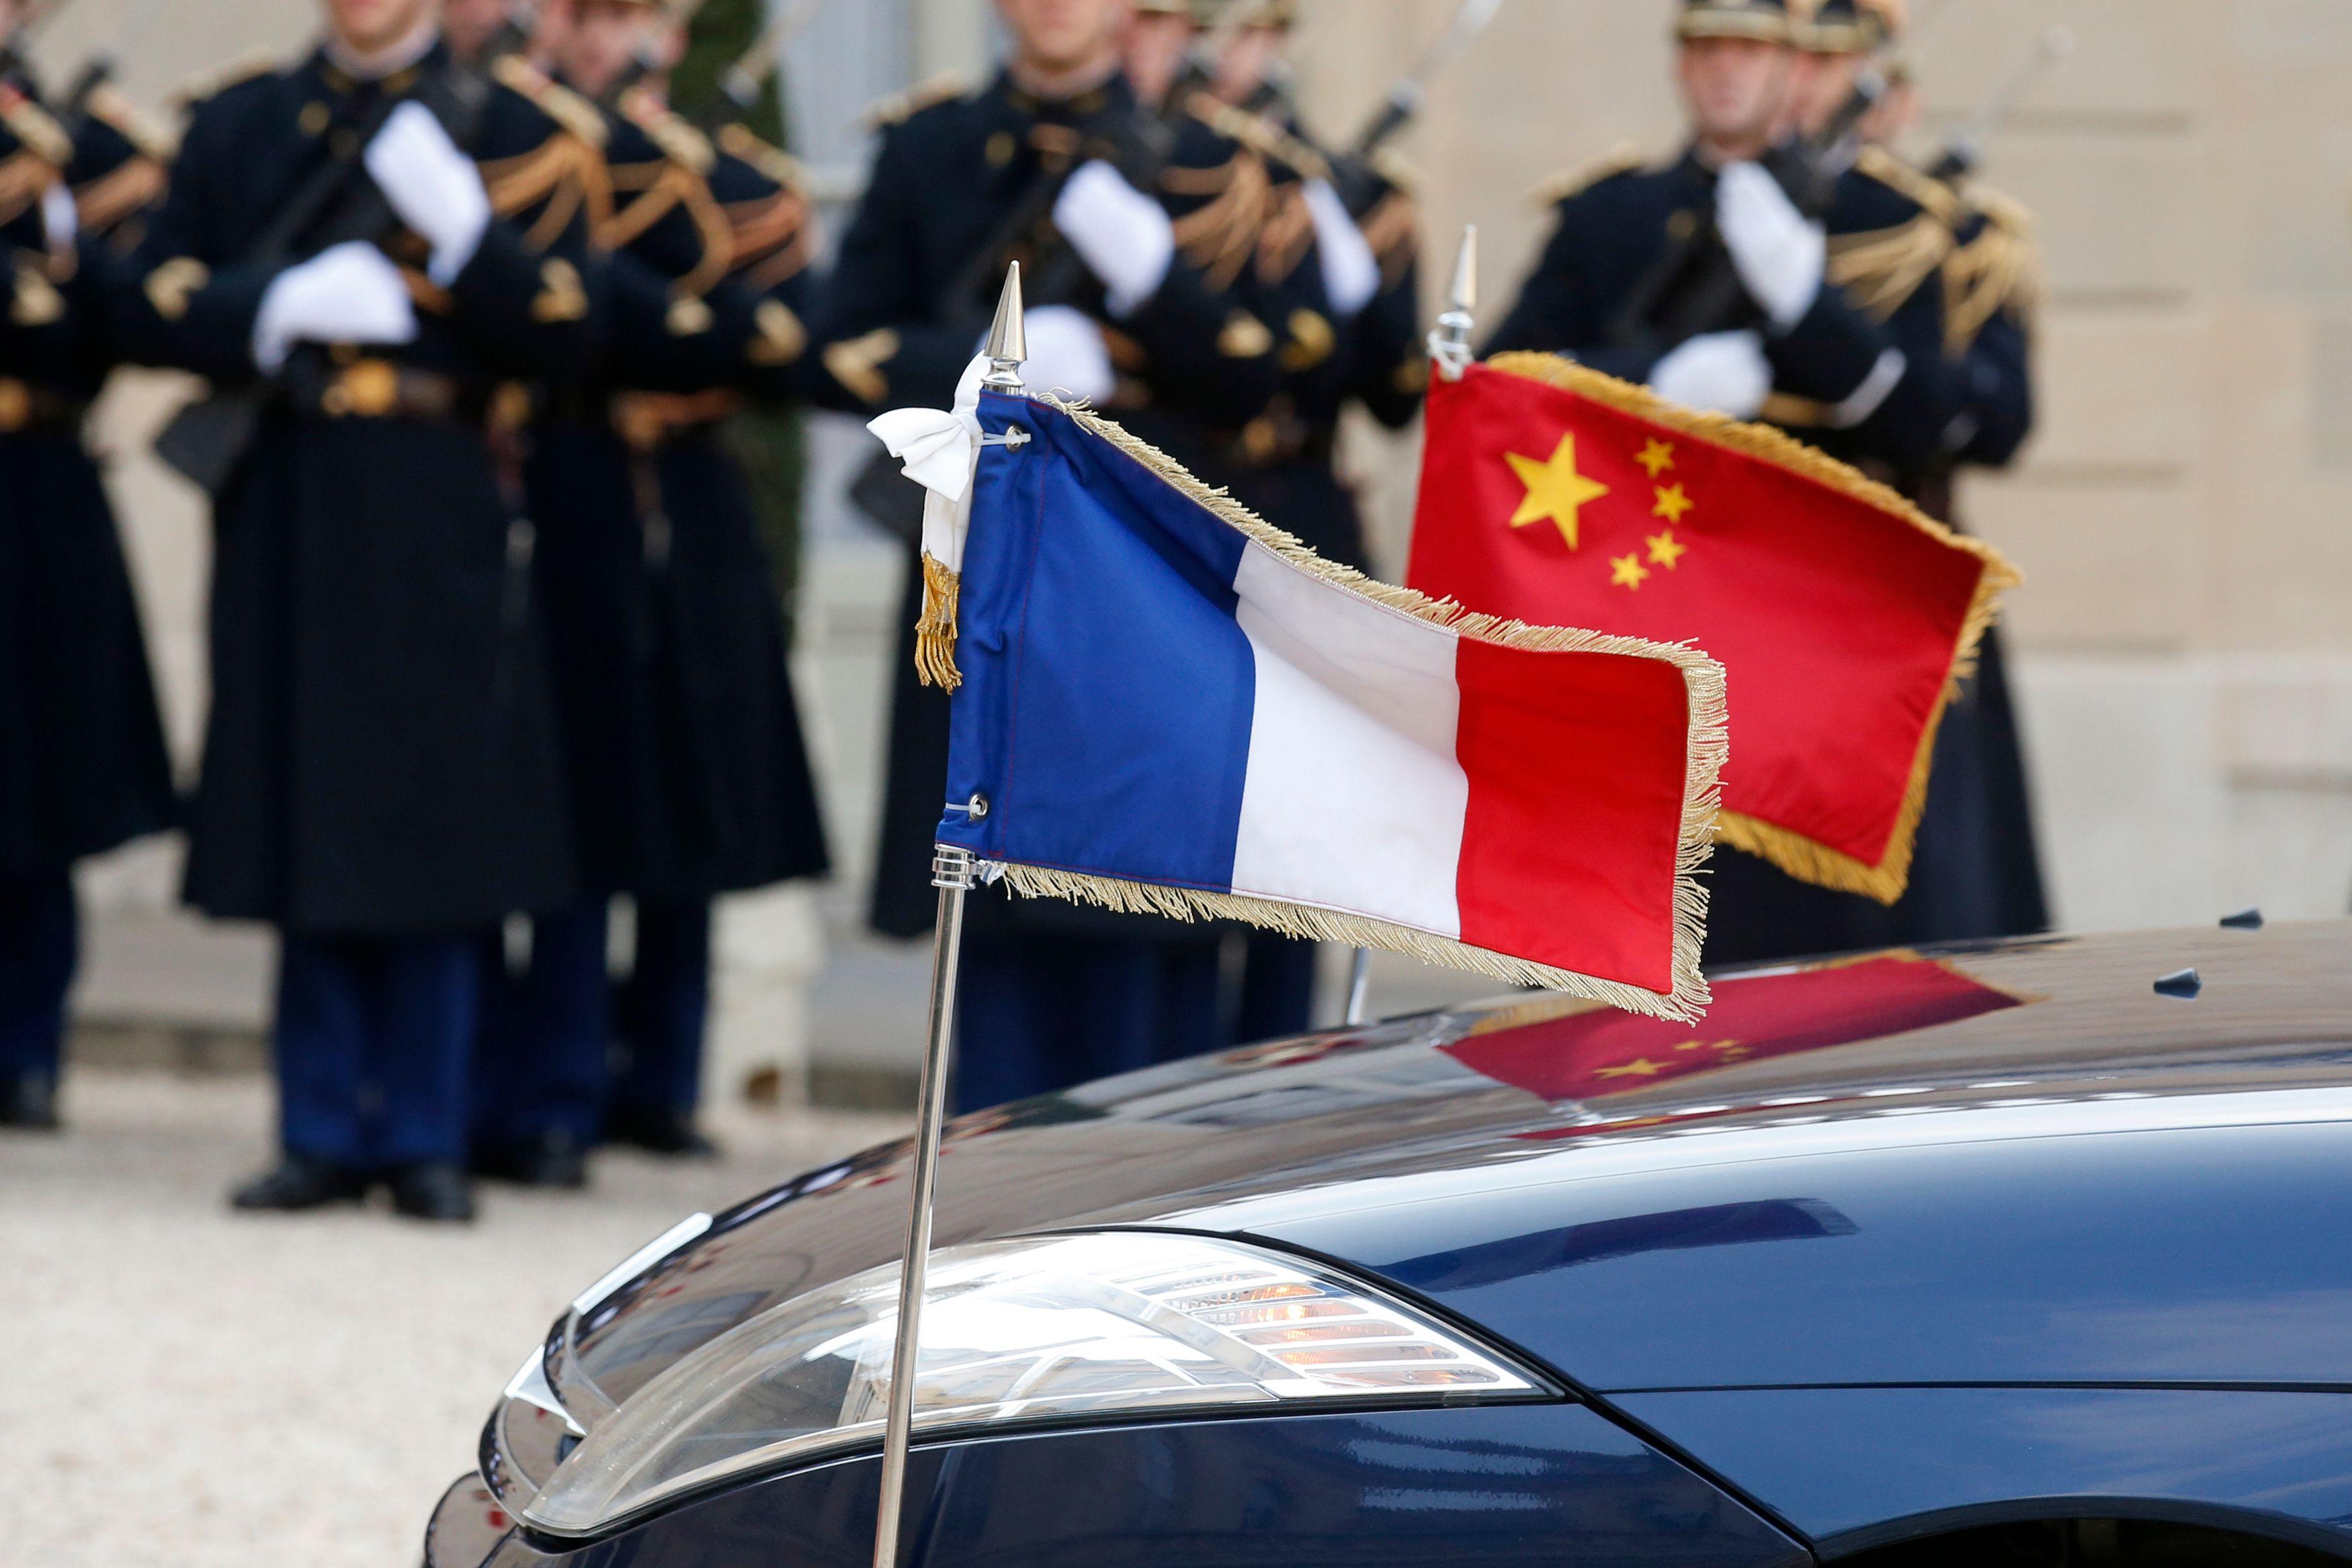 Liberté, responsabilité, démocratie... : avec la Chine, les mots que nous échangeons sont souvent intraduisibles